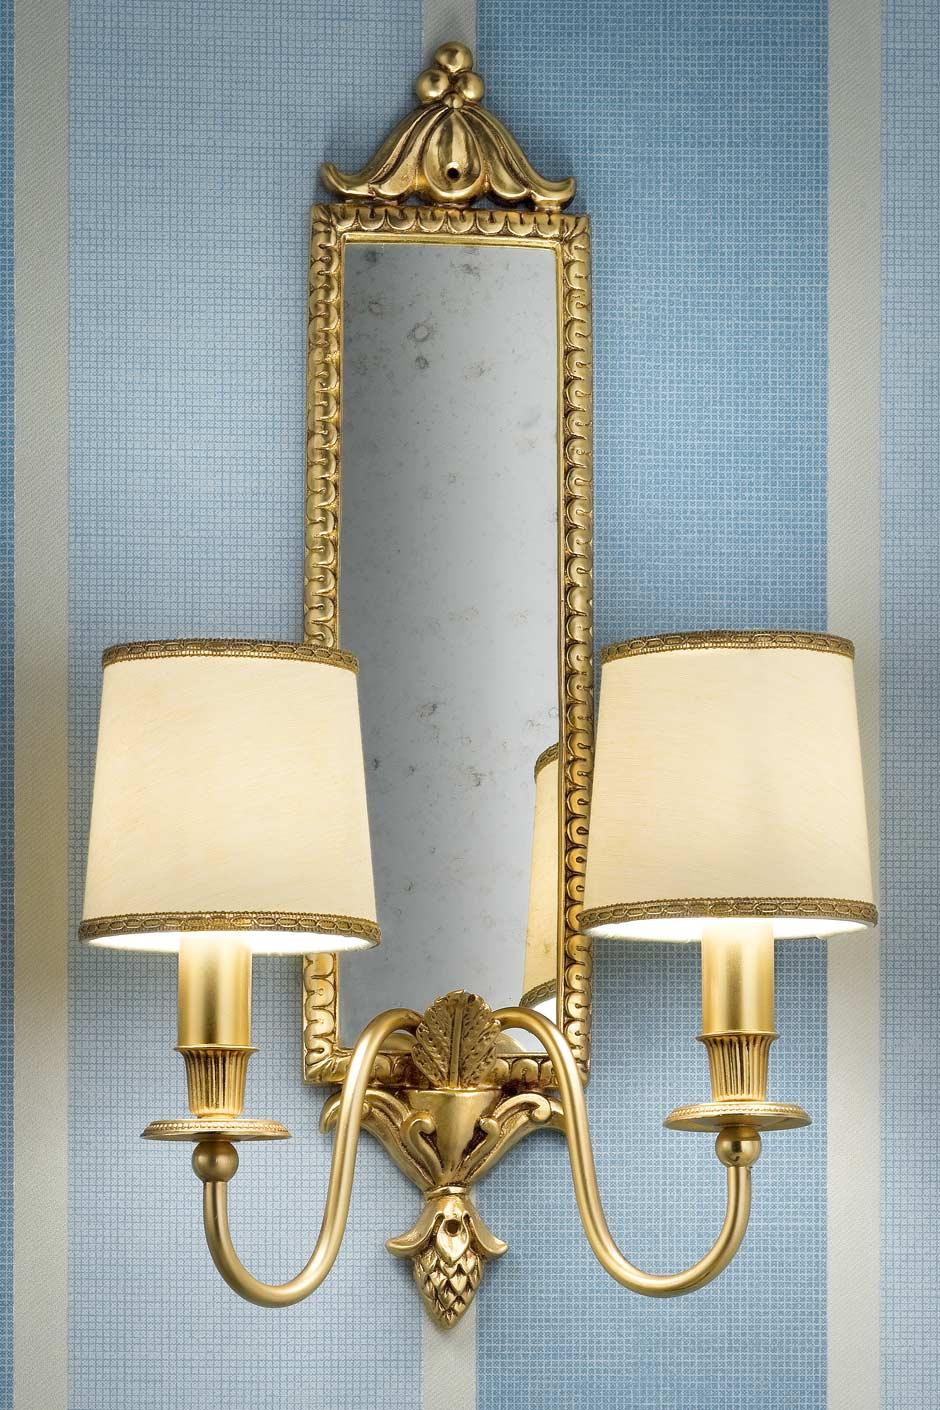 Applique miroir double bronze doré motif feuilles abat-jour soie beige. Masiero.